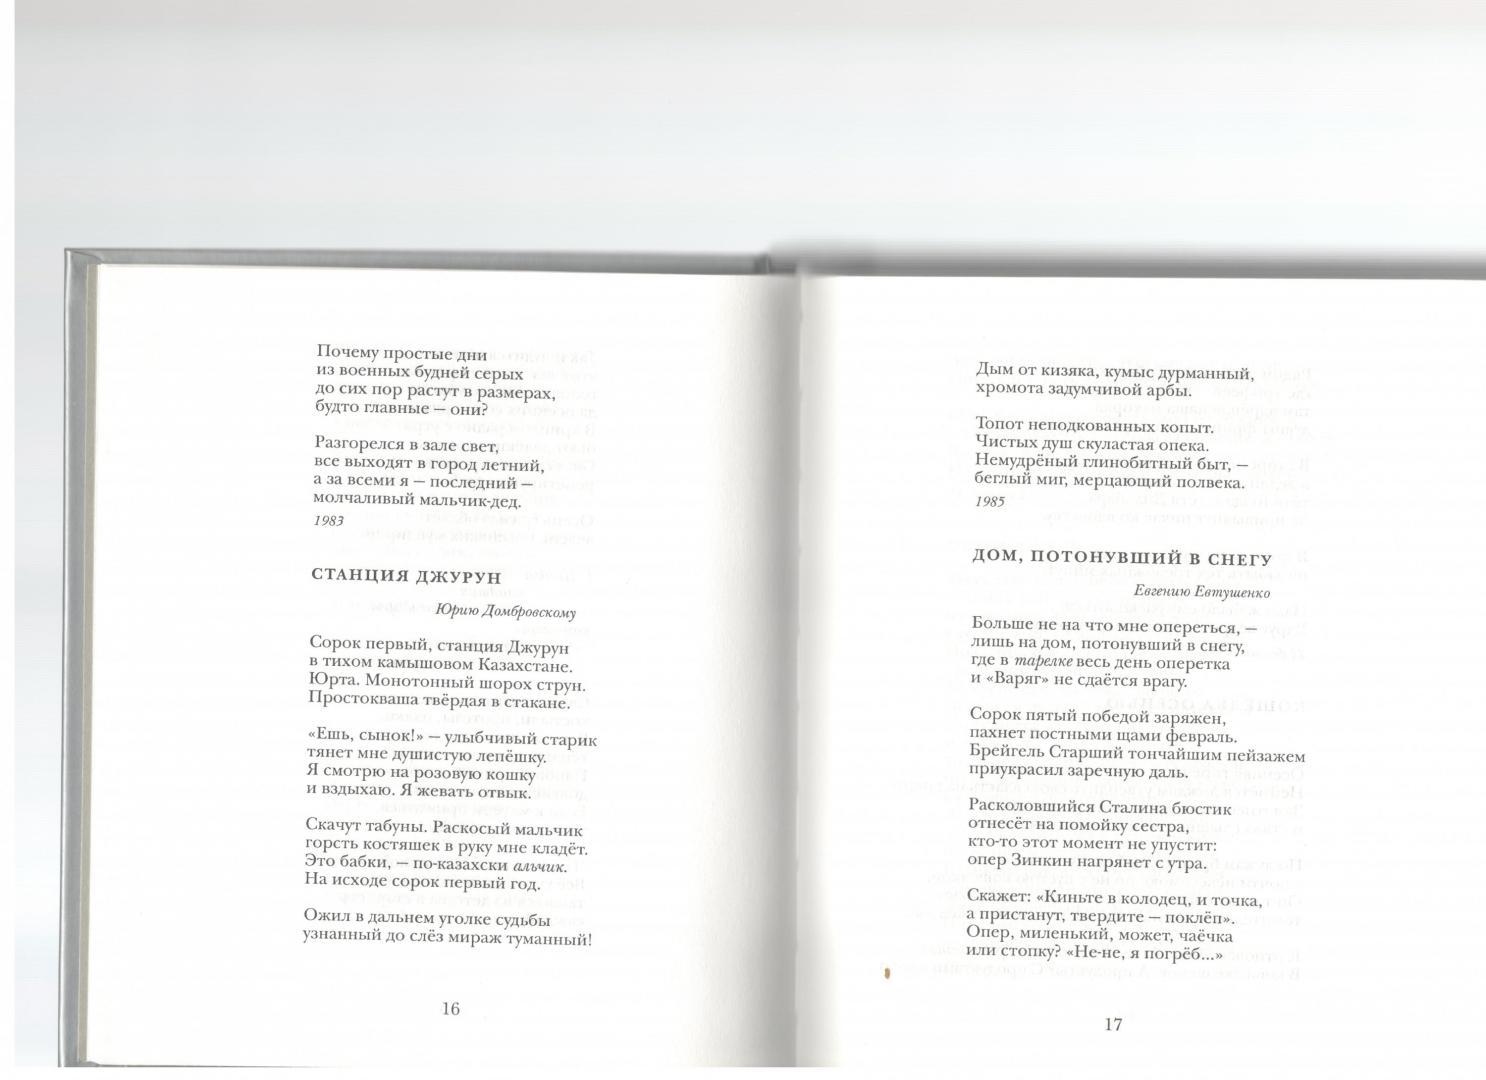 Иллюстрация 22 из 22 для Между Я и Явью: Избранные стихи - Павел Грушко | Лабиринт - книги. Источник: neludimka